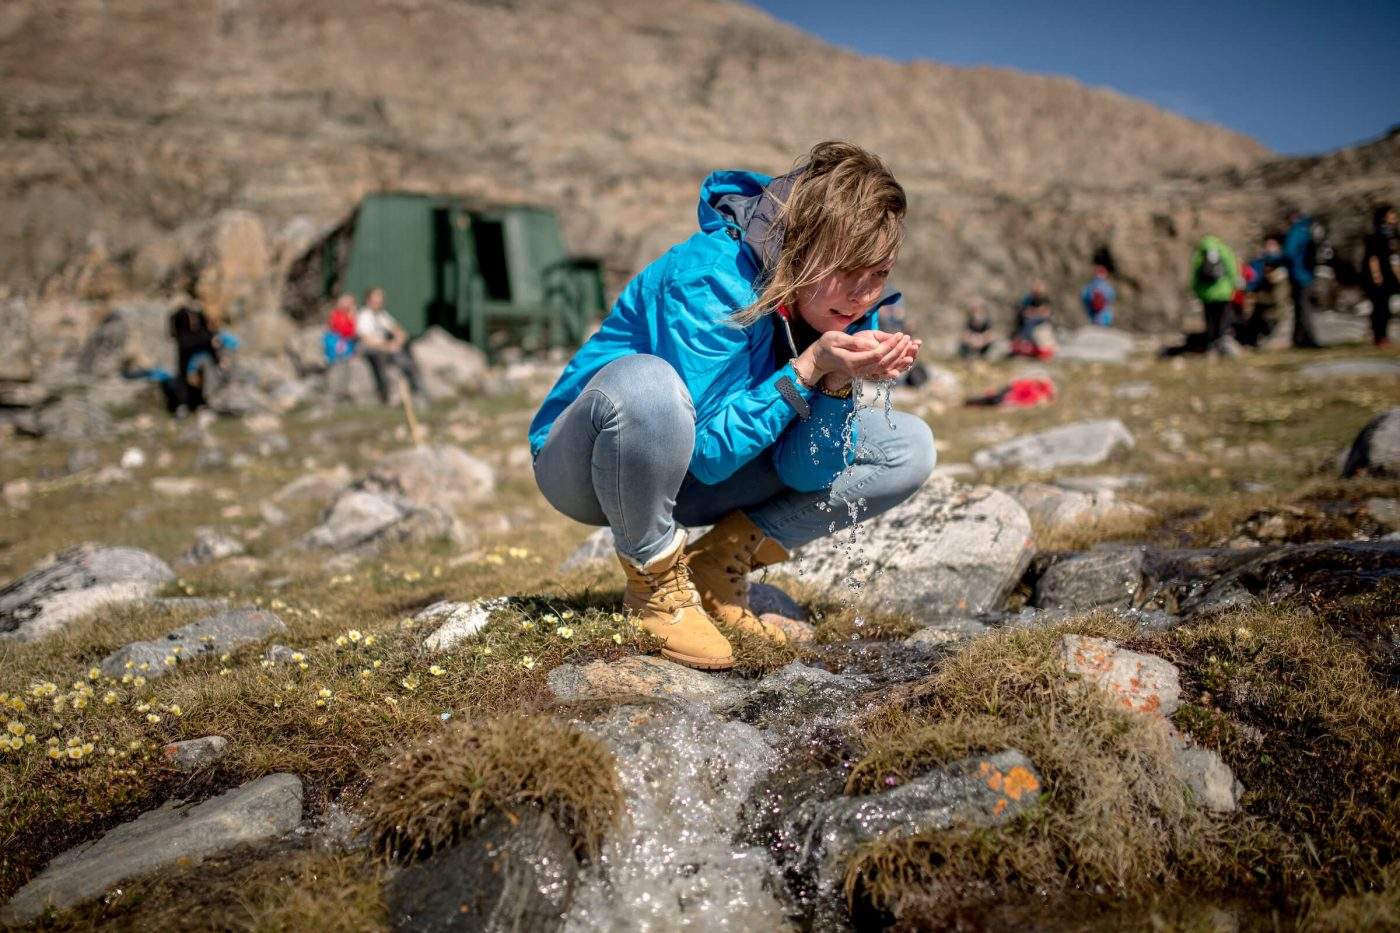 Drinking fresh water from a stream near Uummannaq in Greenland. By Mads Pihl